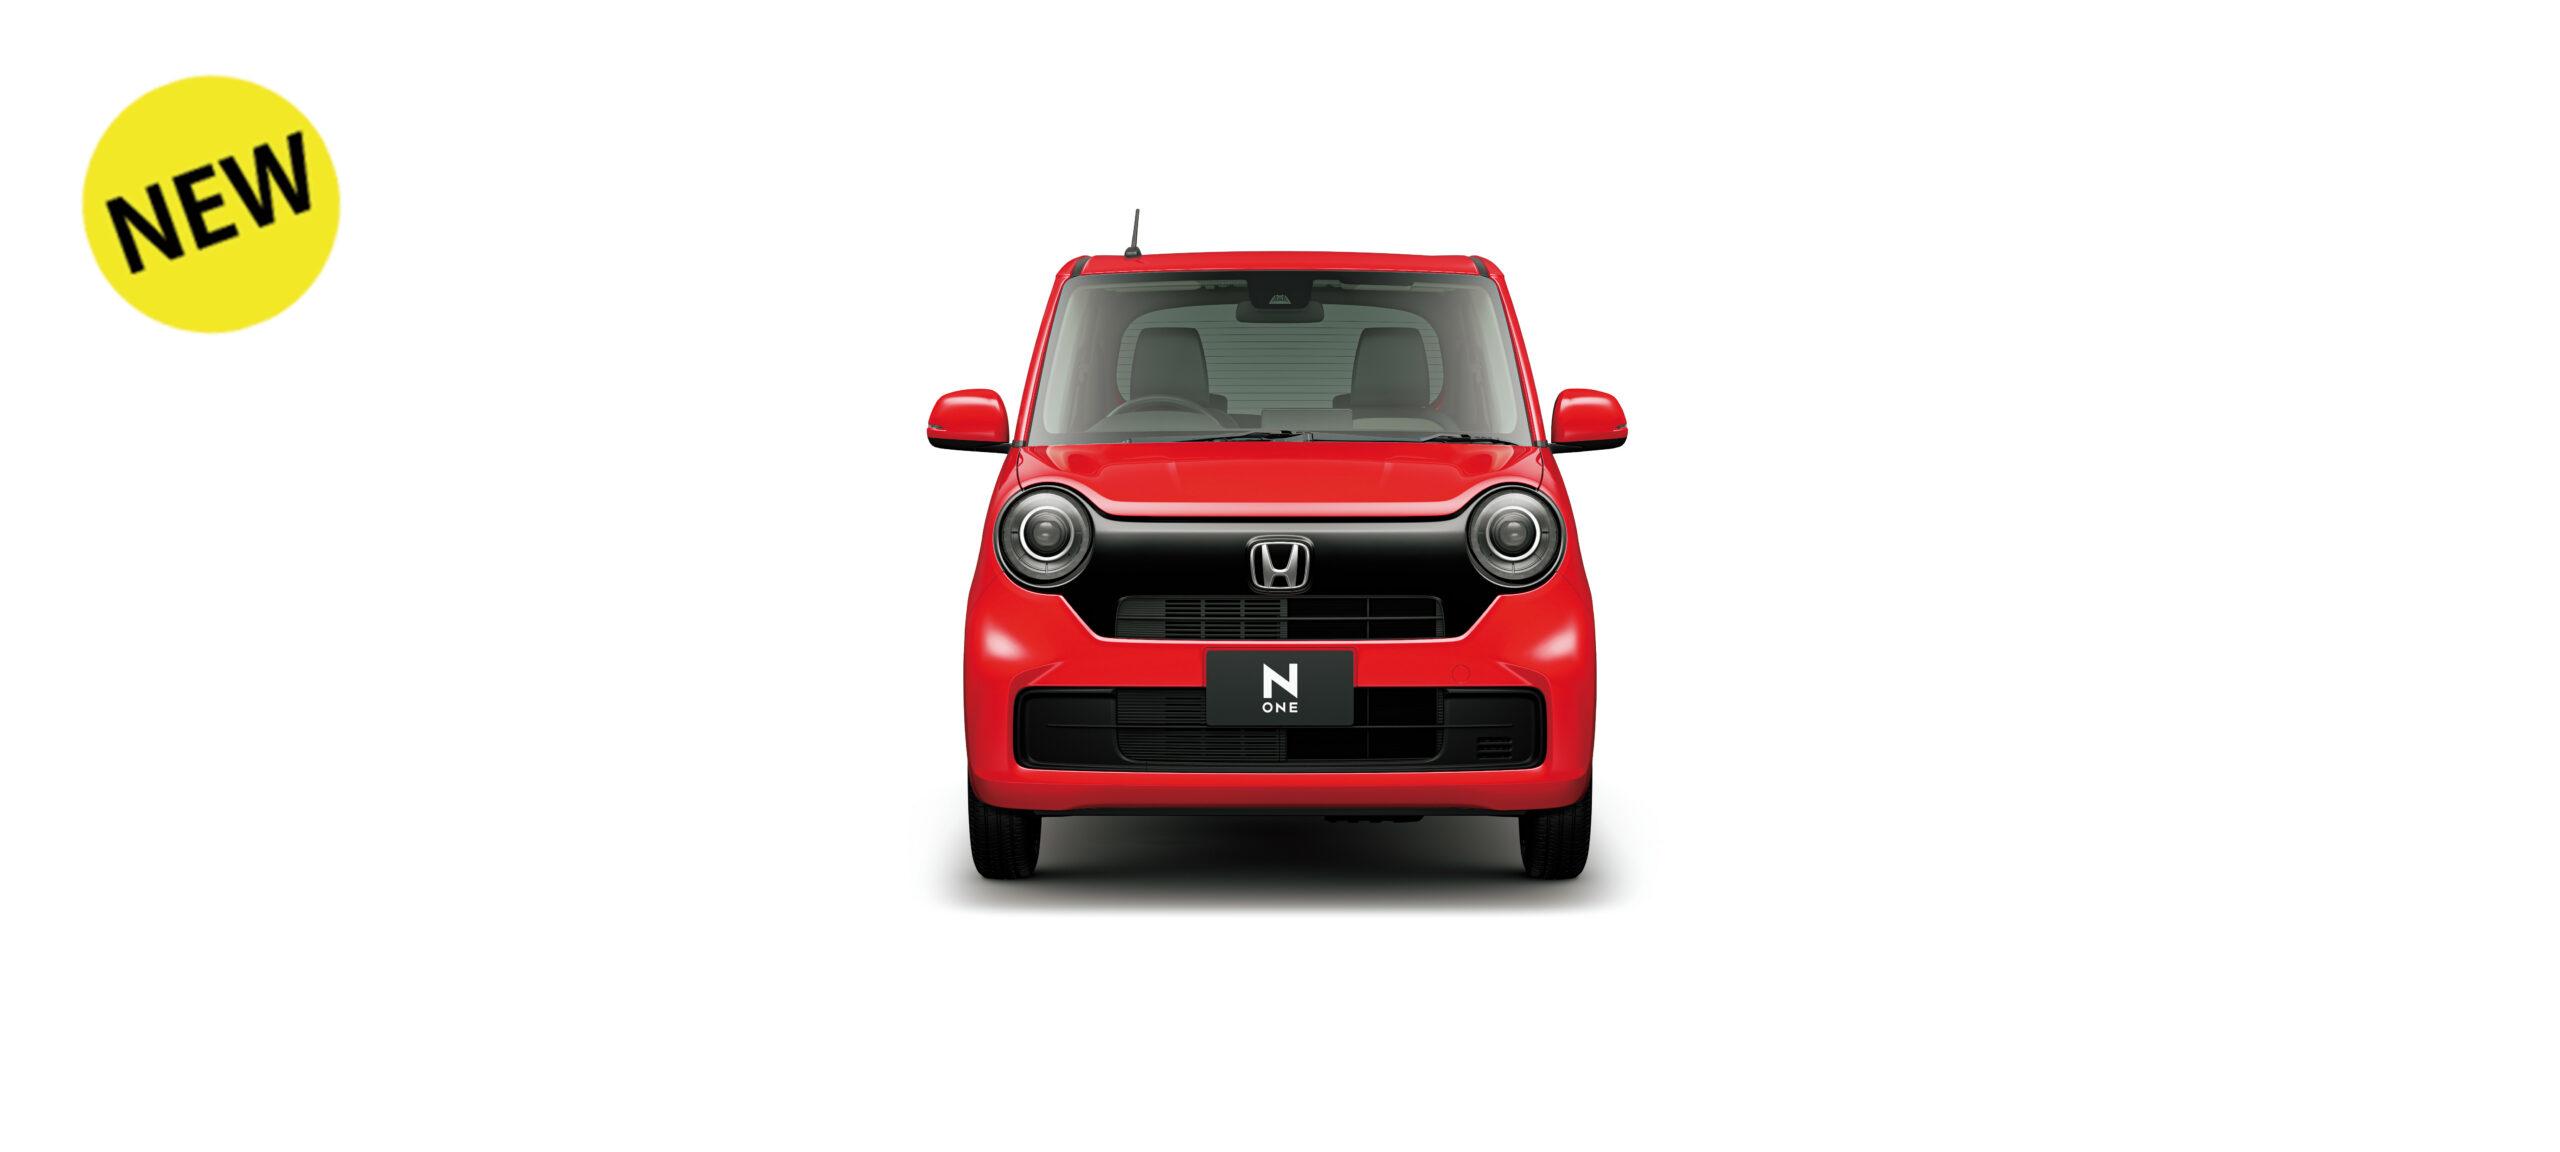 みんな、Honda N-ONEが新しくなるぞ!